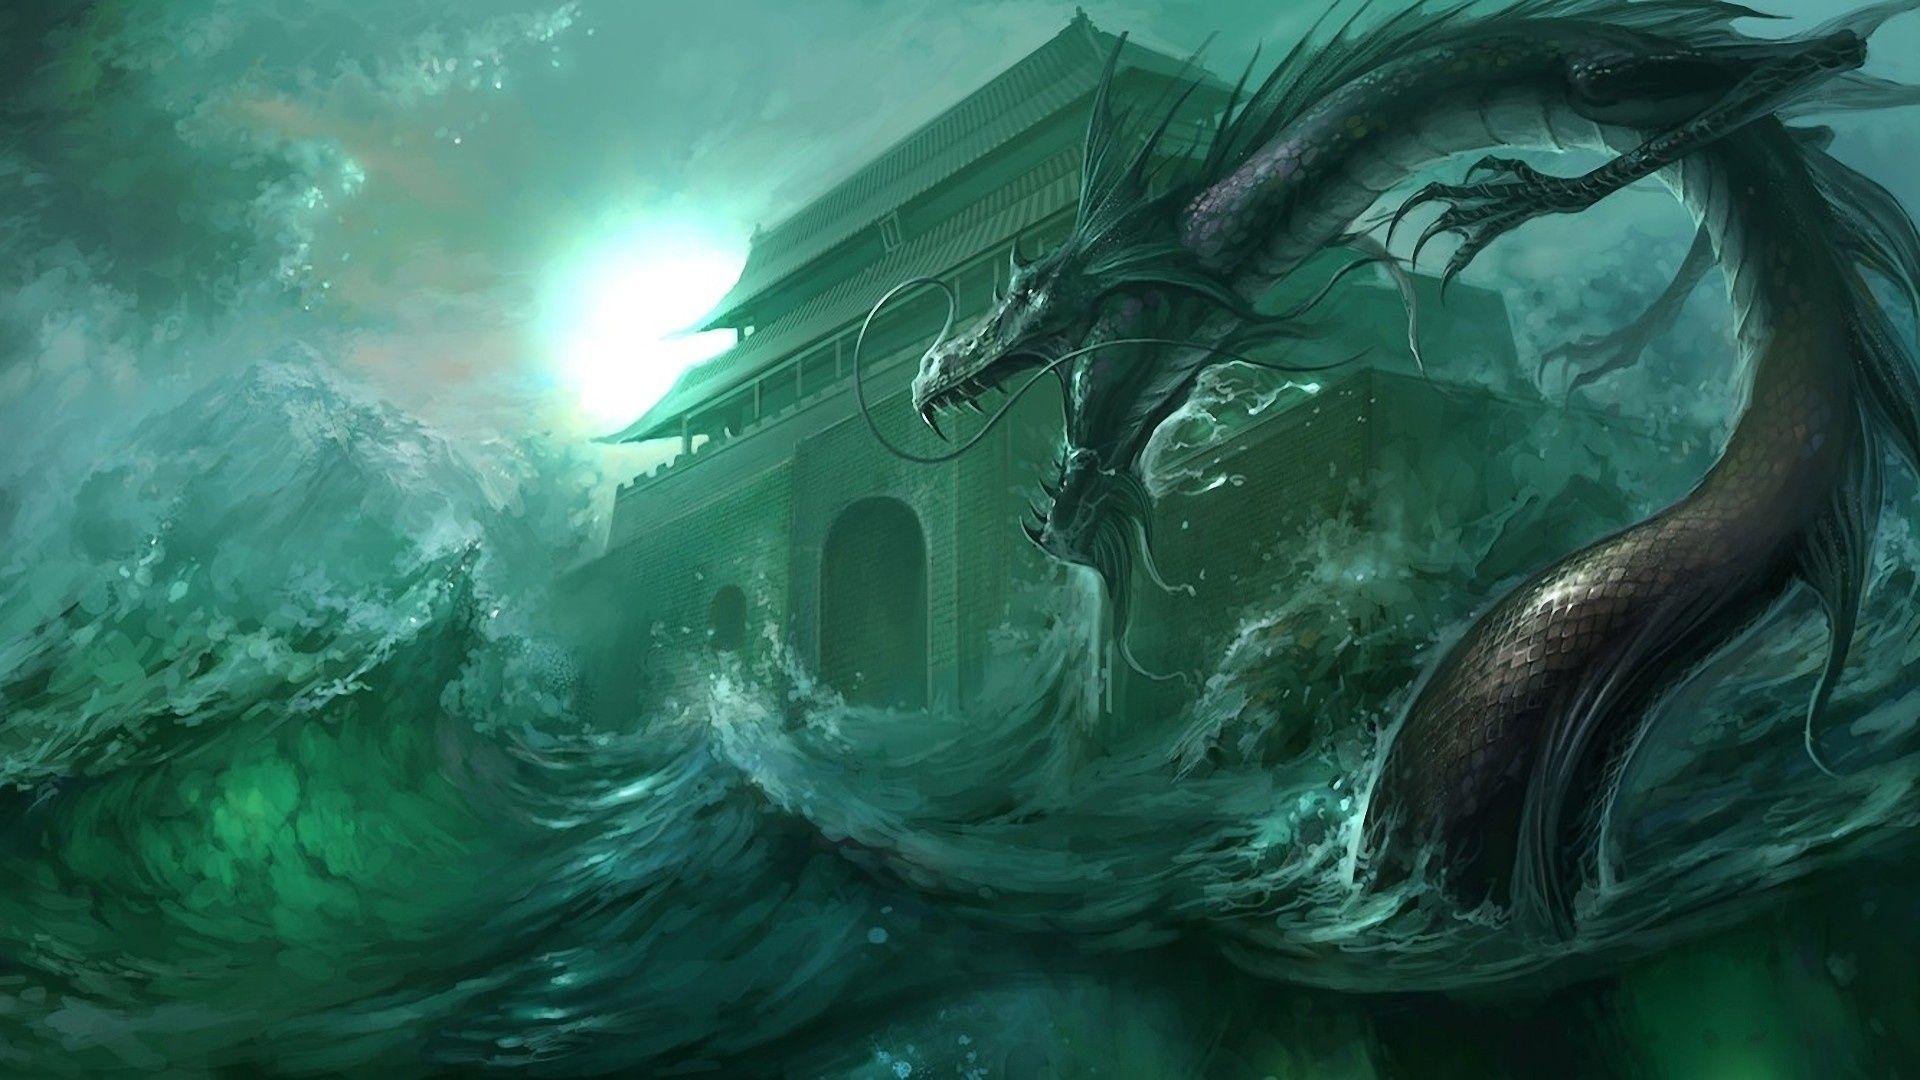 Fantasy Creature Wallpaper Wasserdrache Seeungeheuer Drachen Bilder